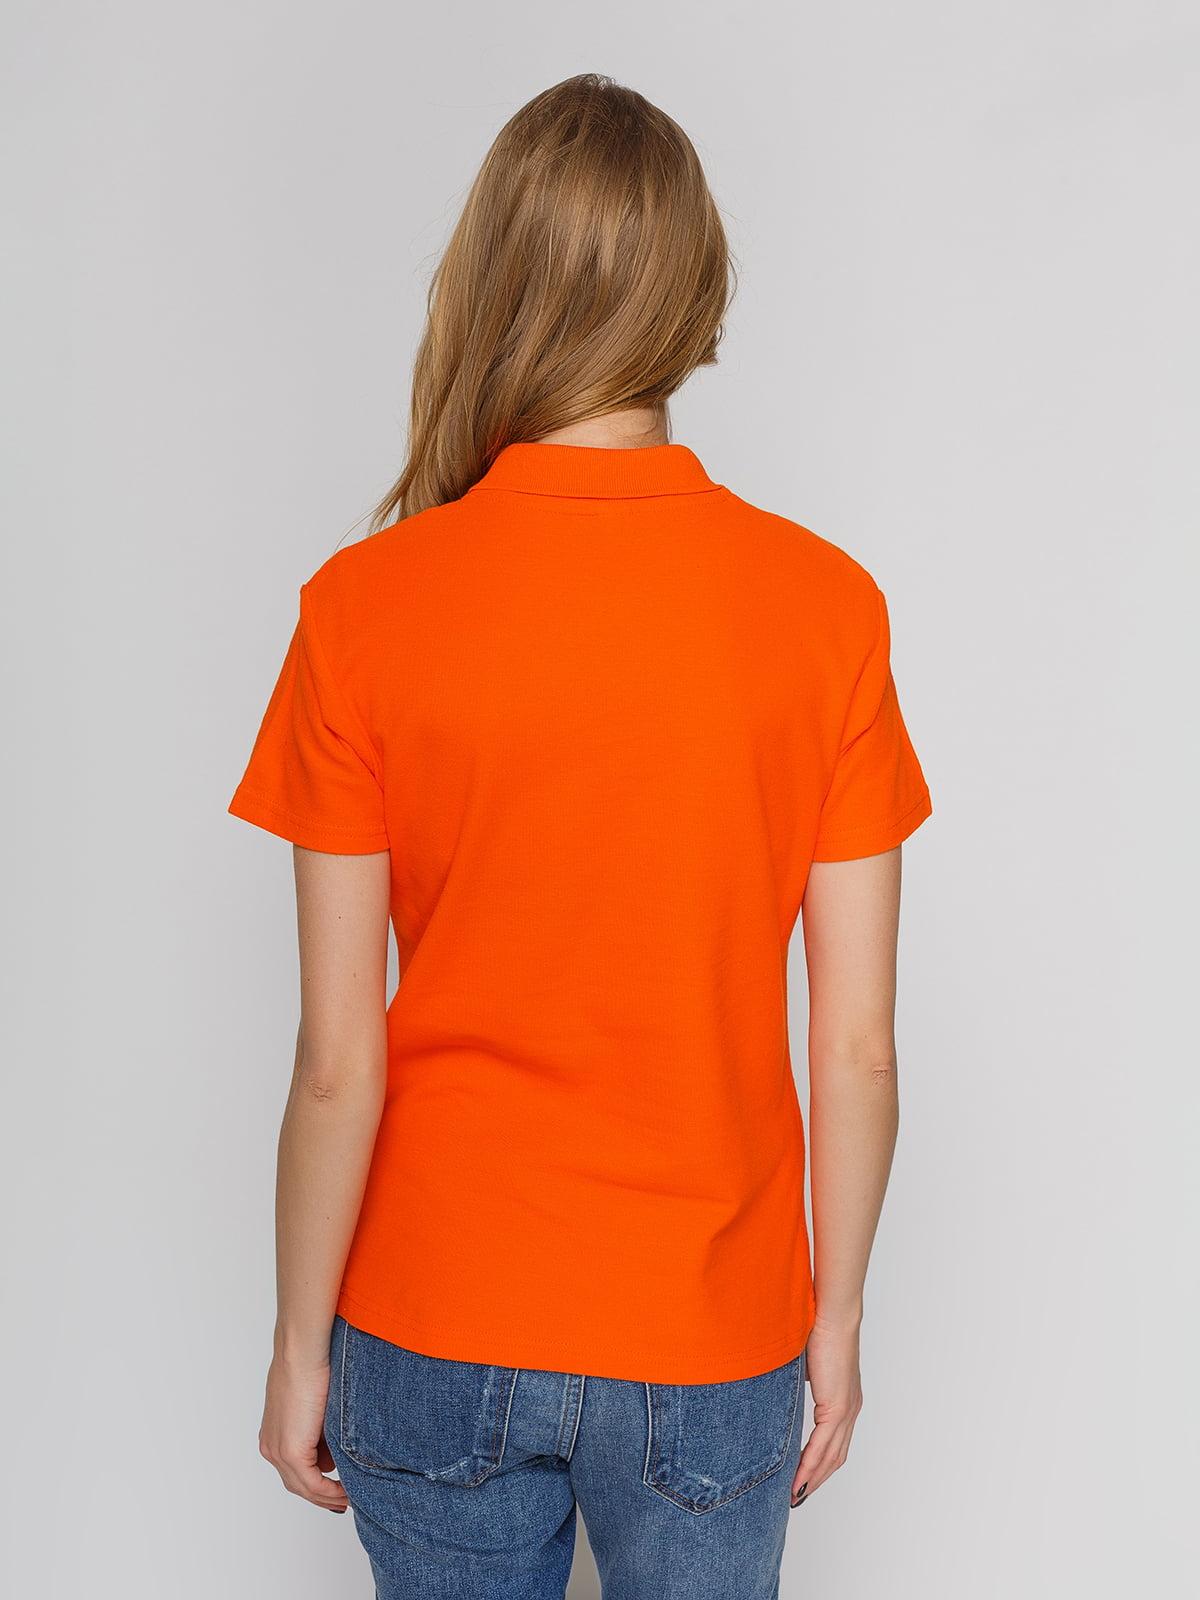 Футболка-поло оранжевая с принтом | 4861803 | фото 2